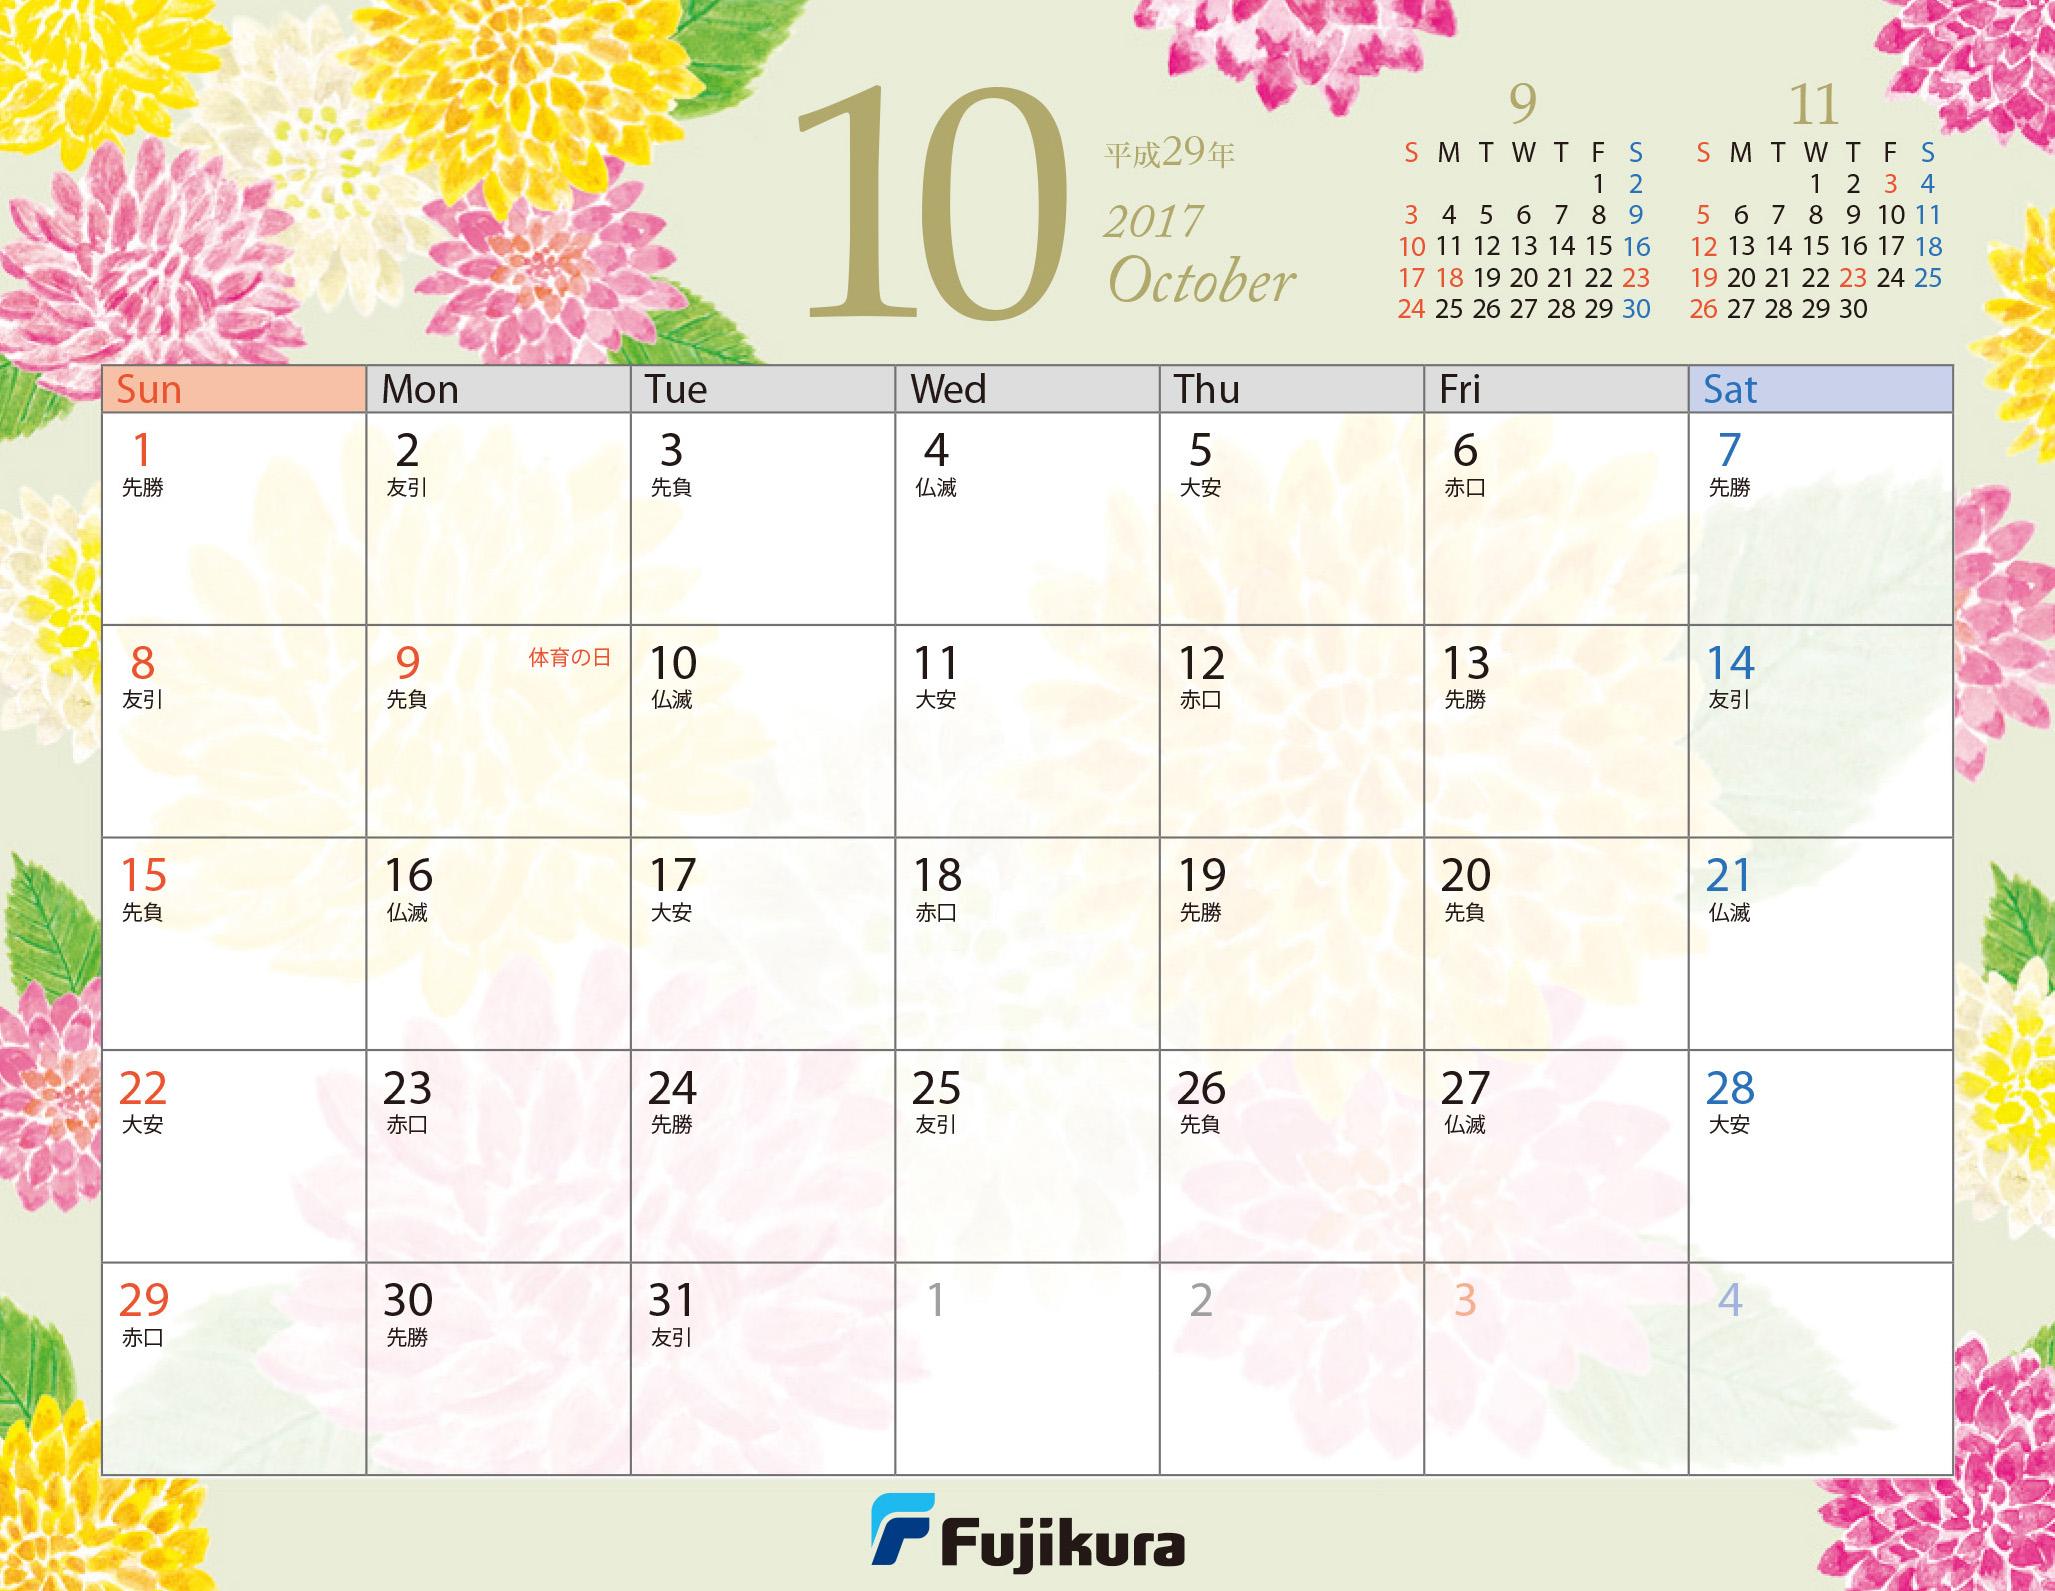 フジクラ_卓上カレンダー_10_色校2.indd